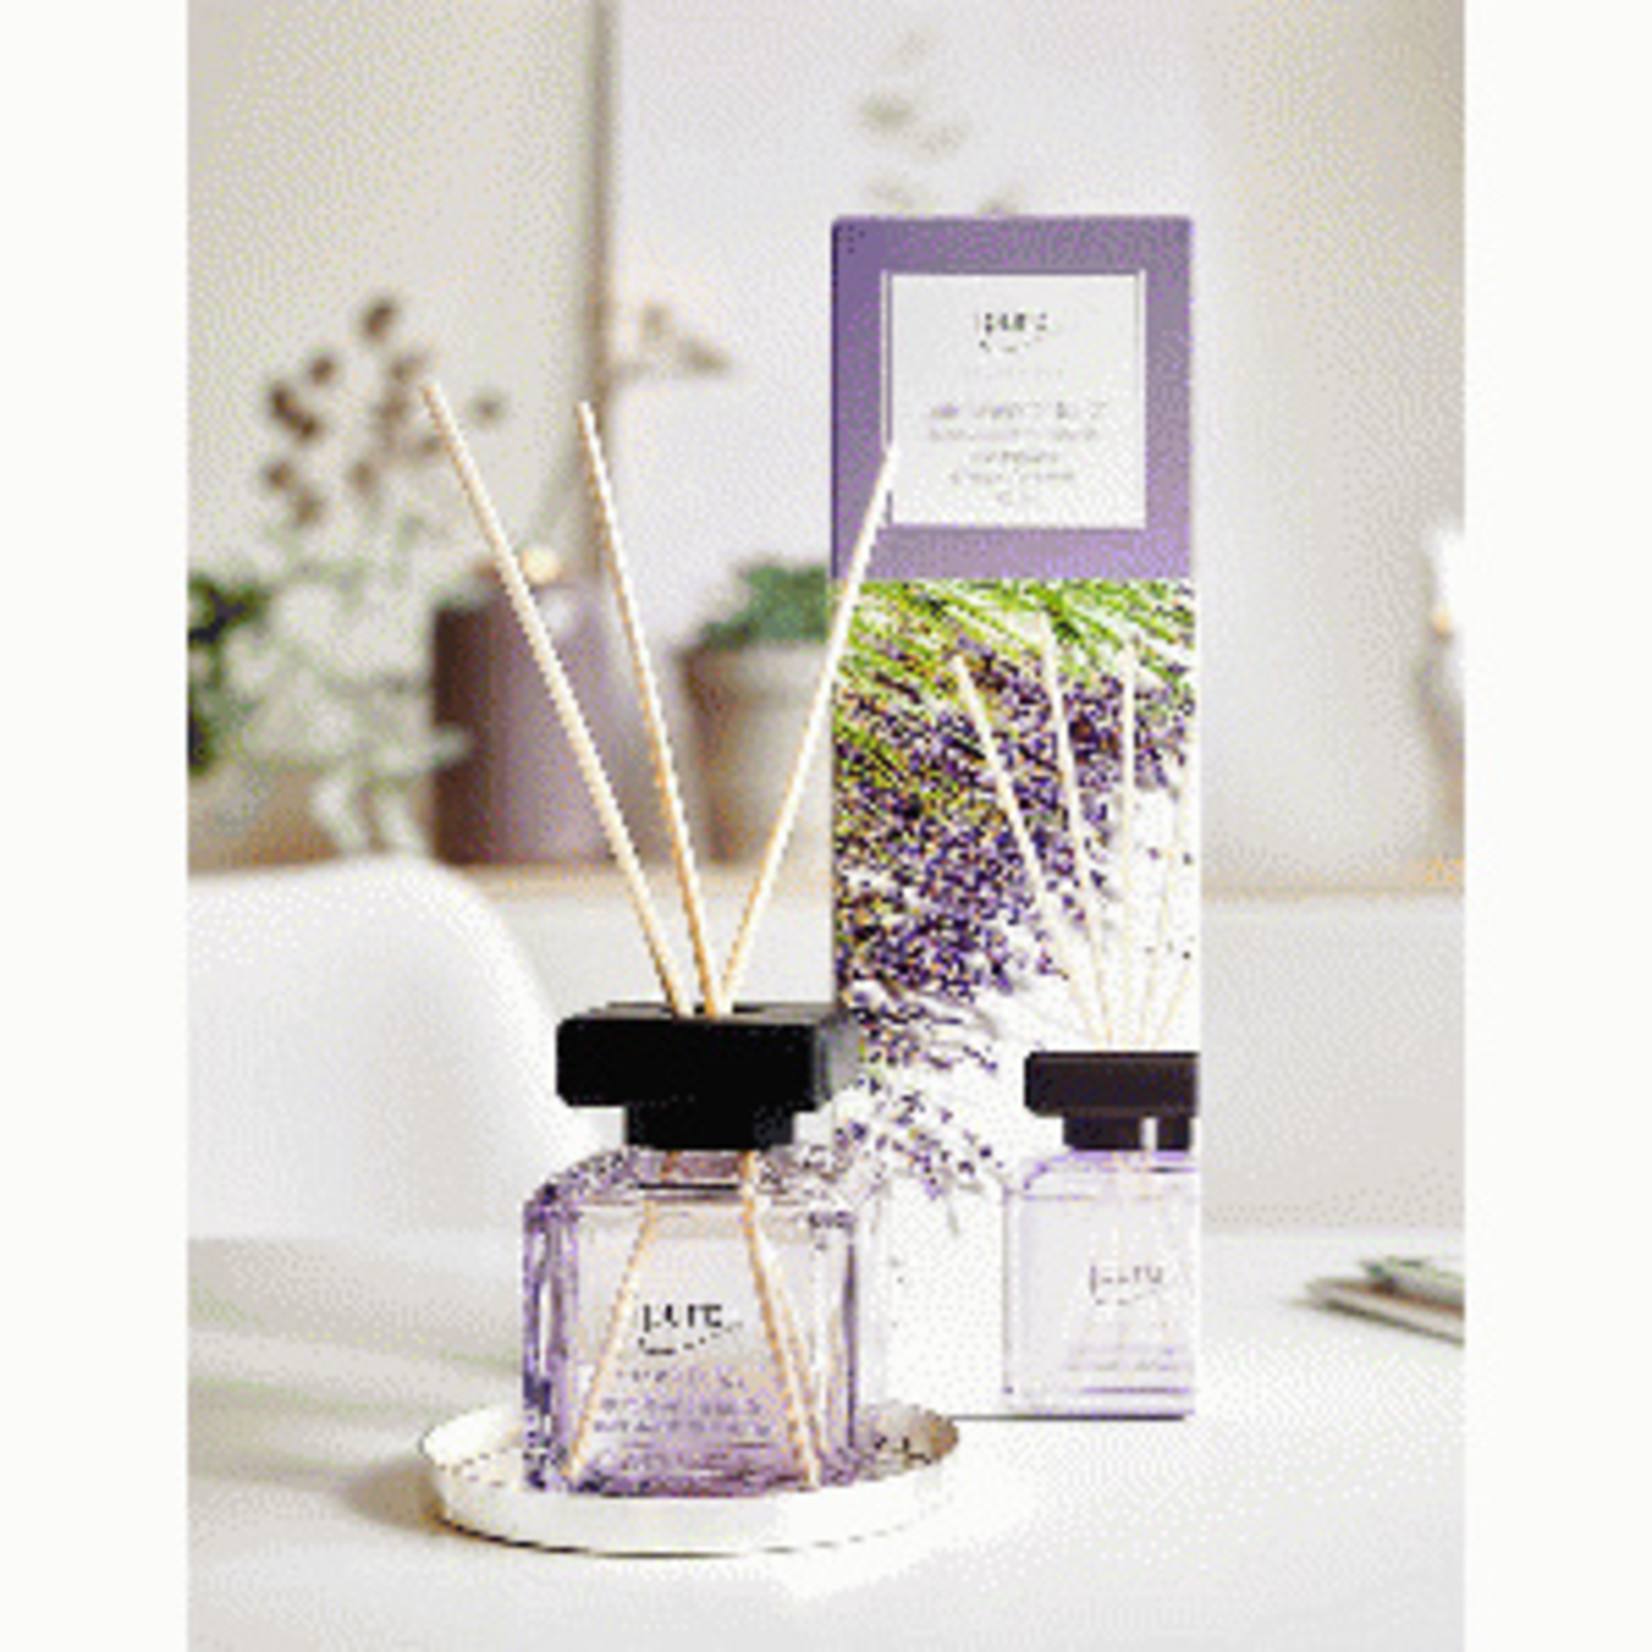 Ipuro Geurstokjes - Lavendel - 200ml